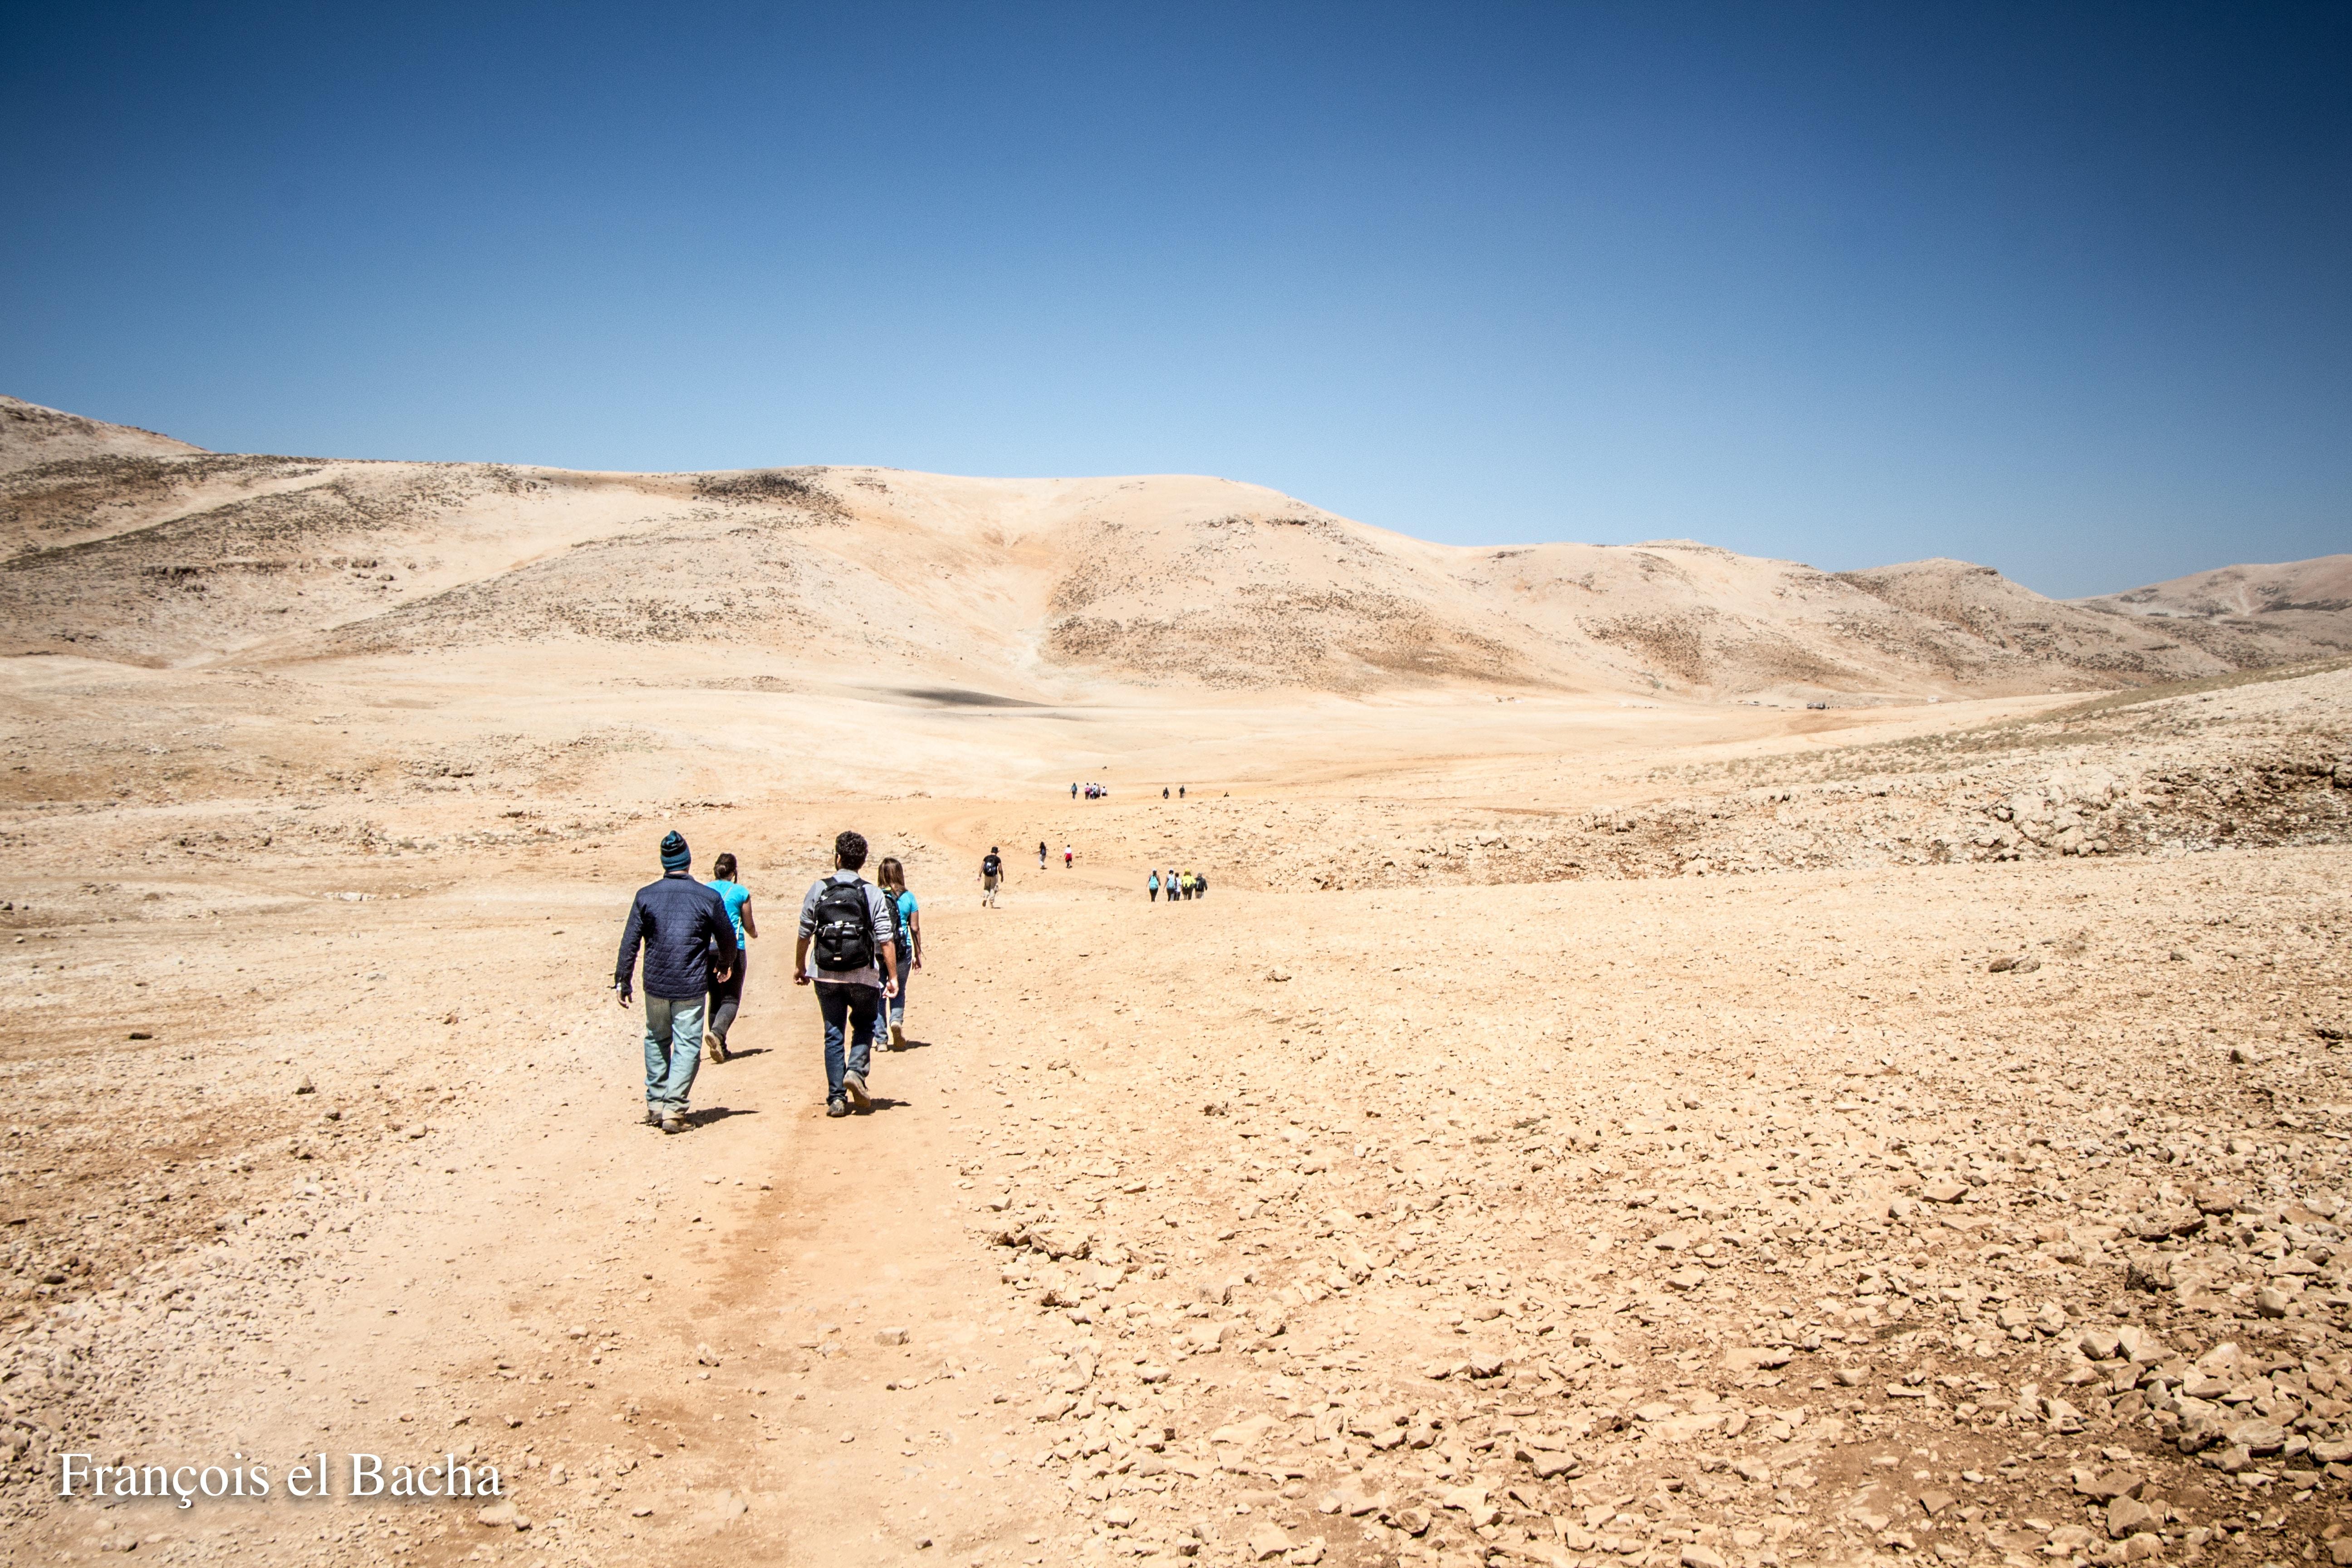 Le sentier menant au sommet de Kornet Saouda. Crédit photo: François el Bacha, tous droits réservés. Visitez mon blog http://larabio.com